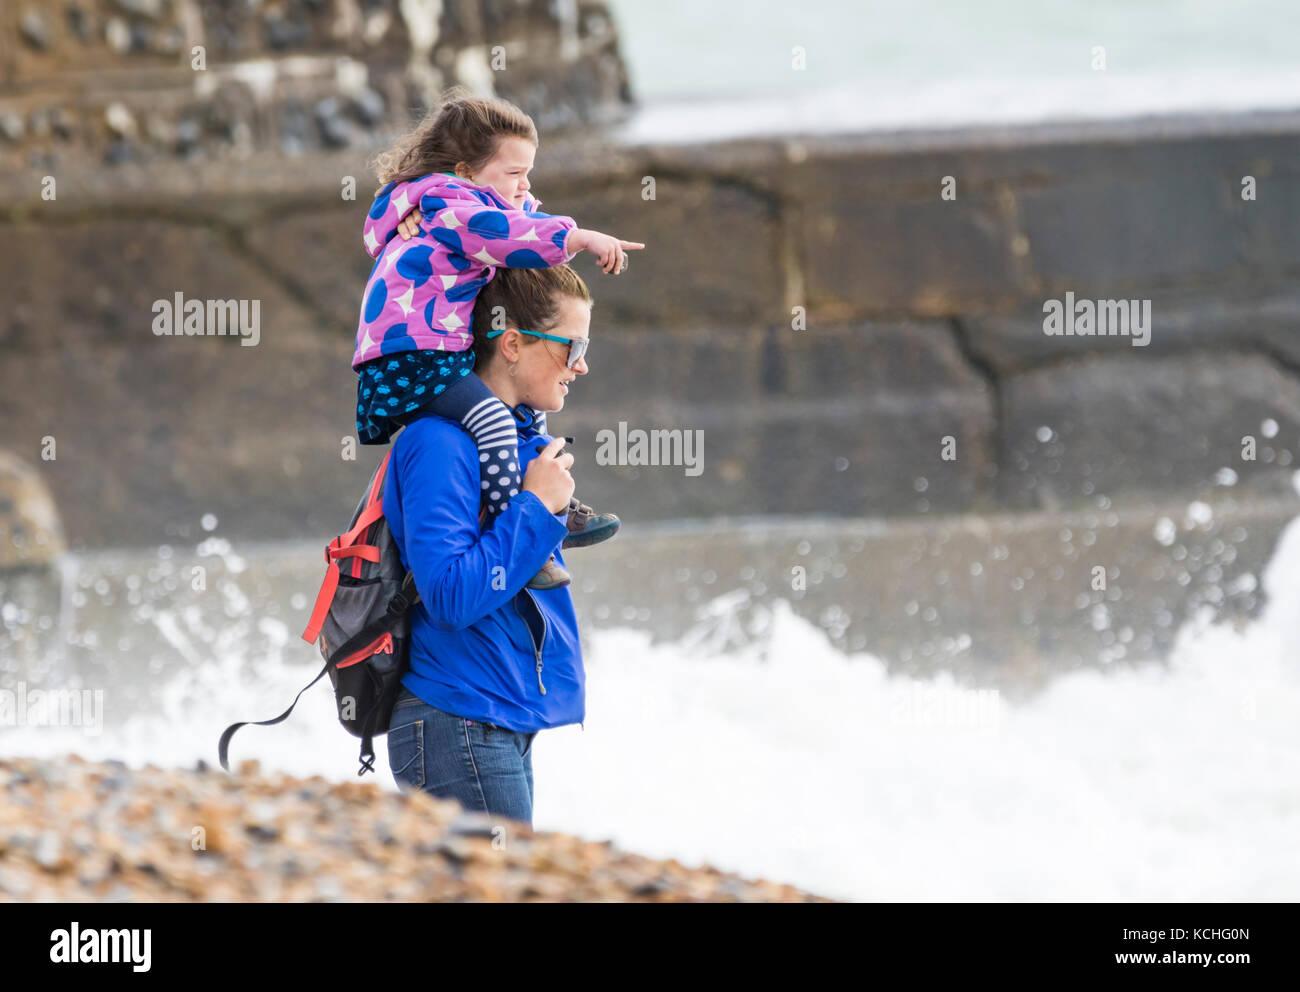 Jeune fille en cours sur les épaules de la femme (piggyback ride) sur une plage en mauvais coup de vent en Photo Stock